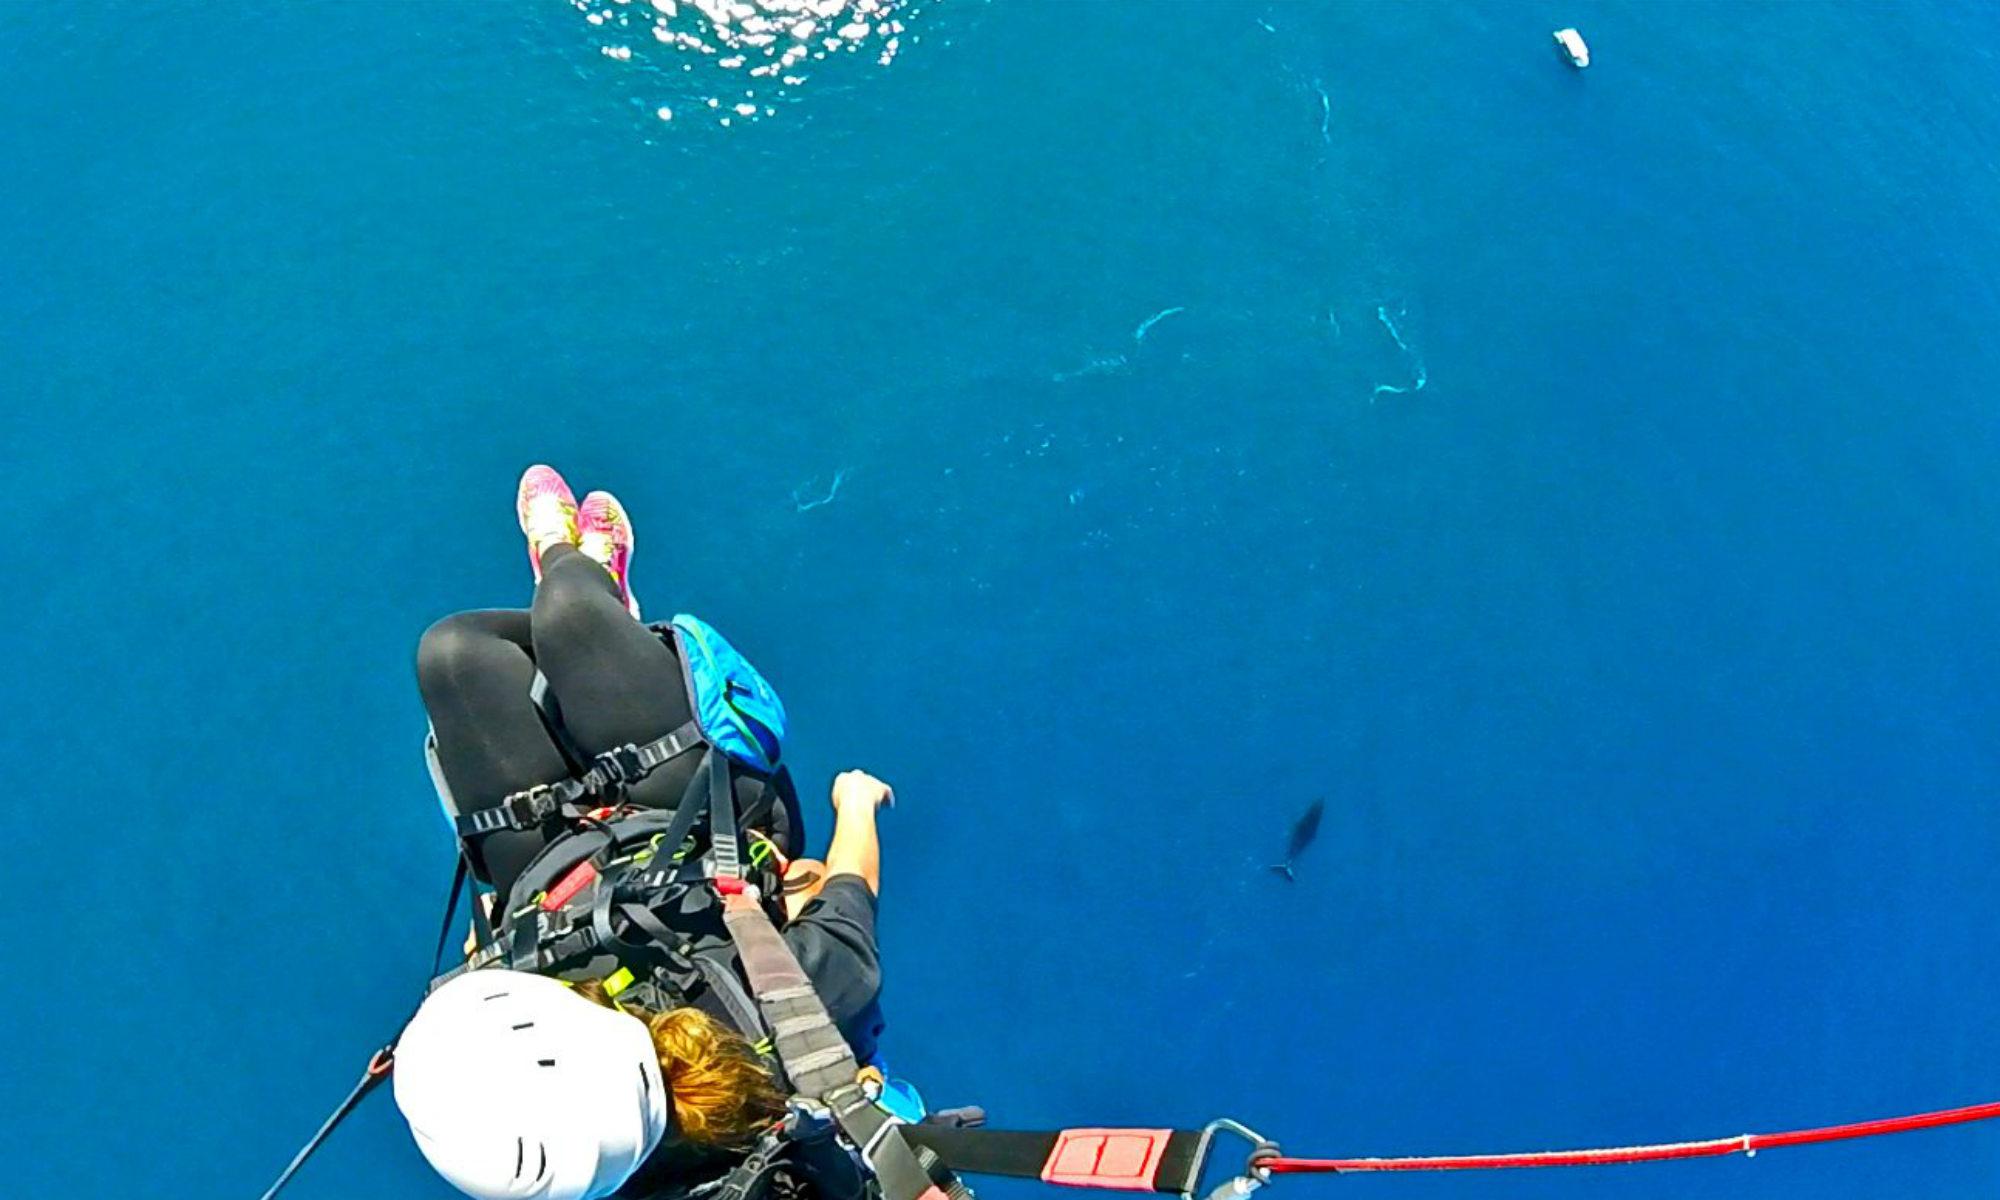 Un parapentiste survole l'océan Indien et aperçoit une baleine.